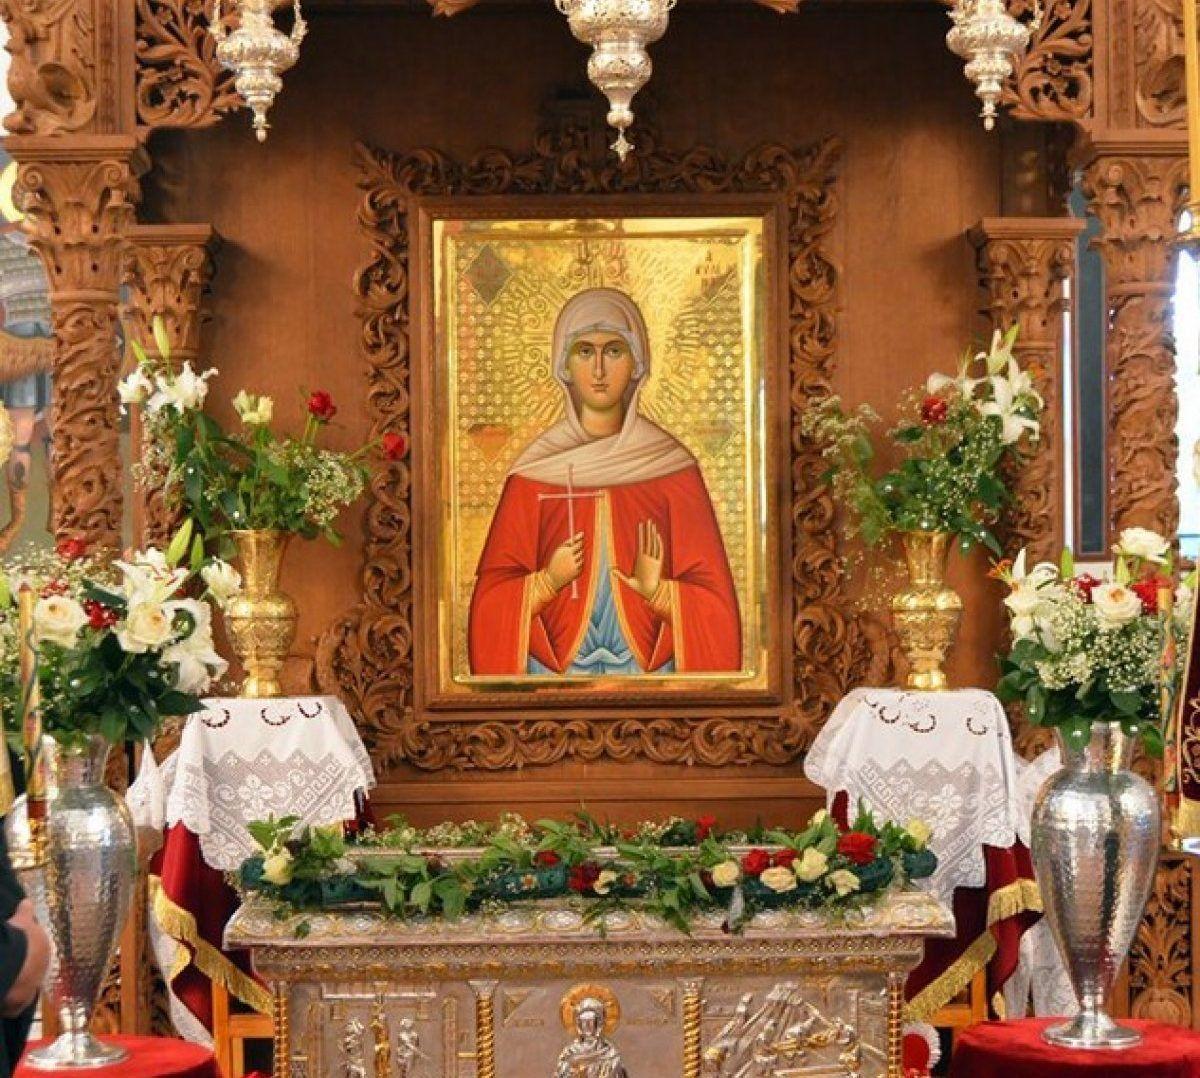 Αγία Ακυλίνα: ο βίος και οι εικόνες της Αγίας - ΕΚΚΛΗΣΙΑ ONLINE | Art,  Painting